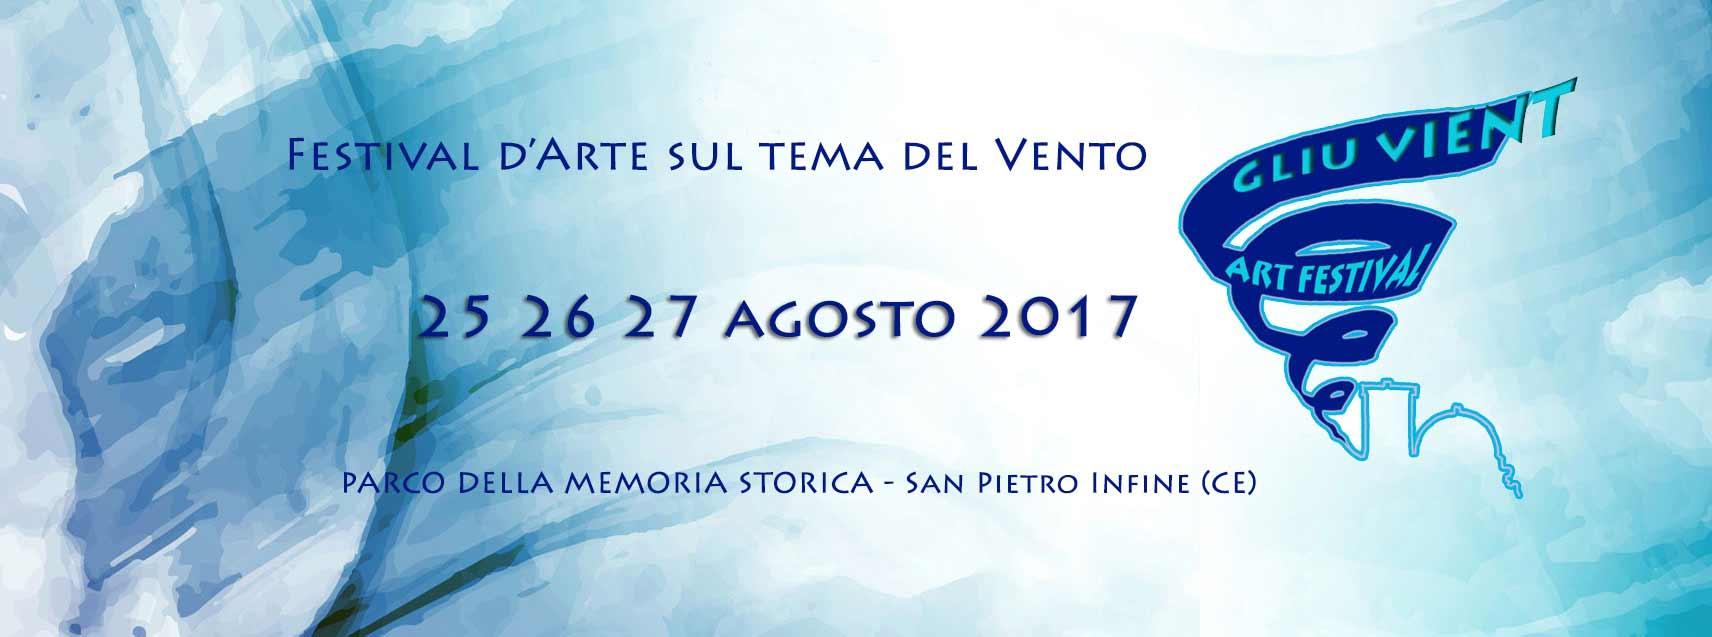 """Festival d'arte """"Gliu Vient"""""""